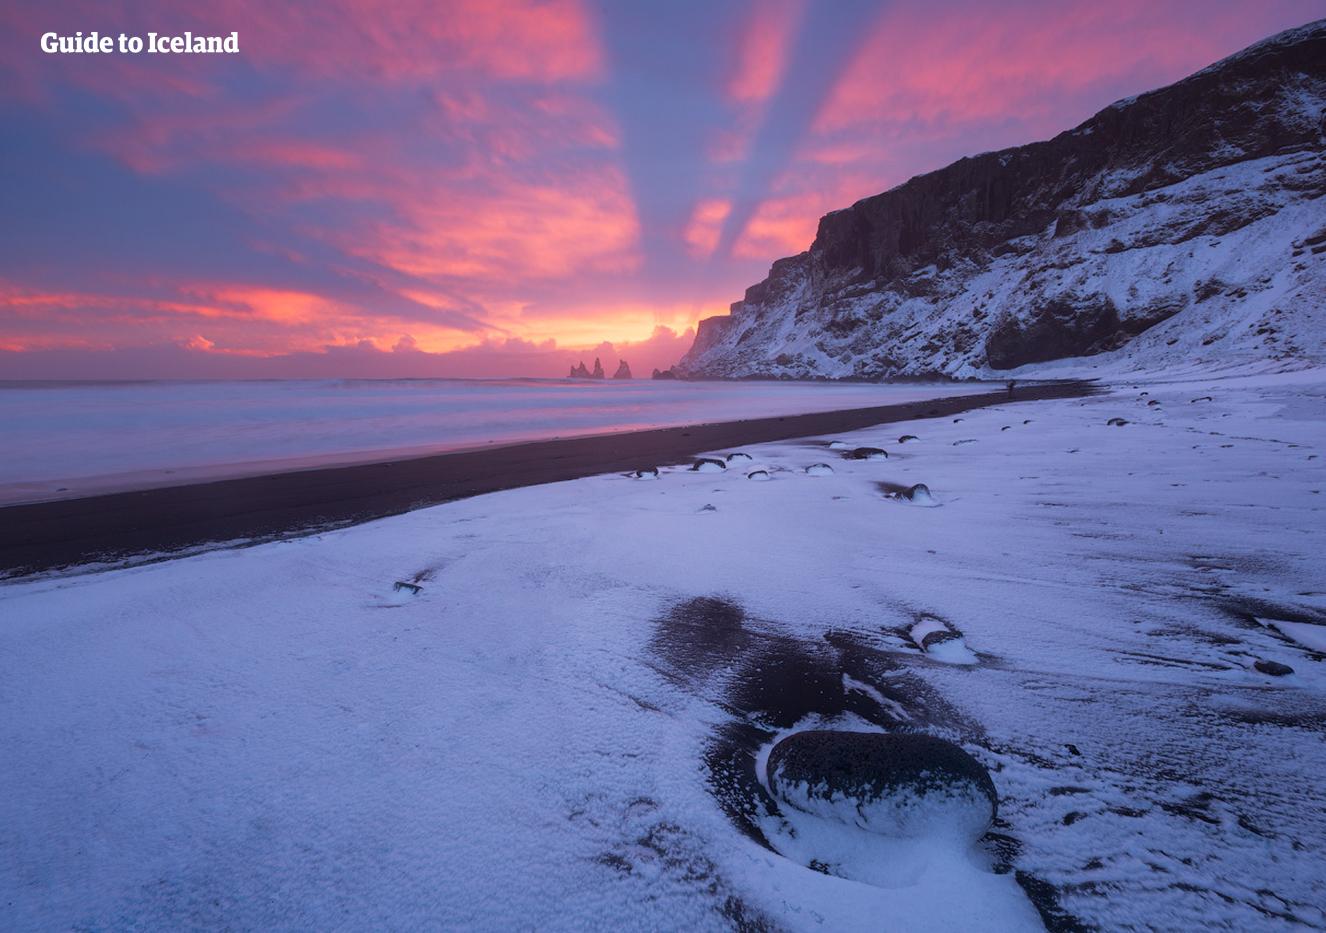 Plaża Reynisfjara jest popularnym miejscem, szczególnie w miesiącach zimowych, ze względu na gwałtowne fale, które mogą rozbić się o brzeg nawet w spokojne dni.